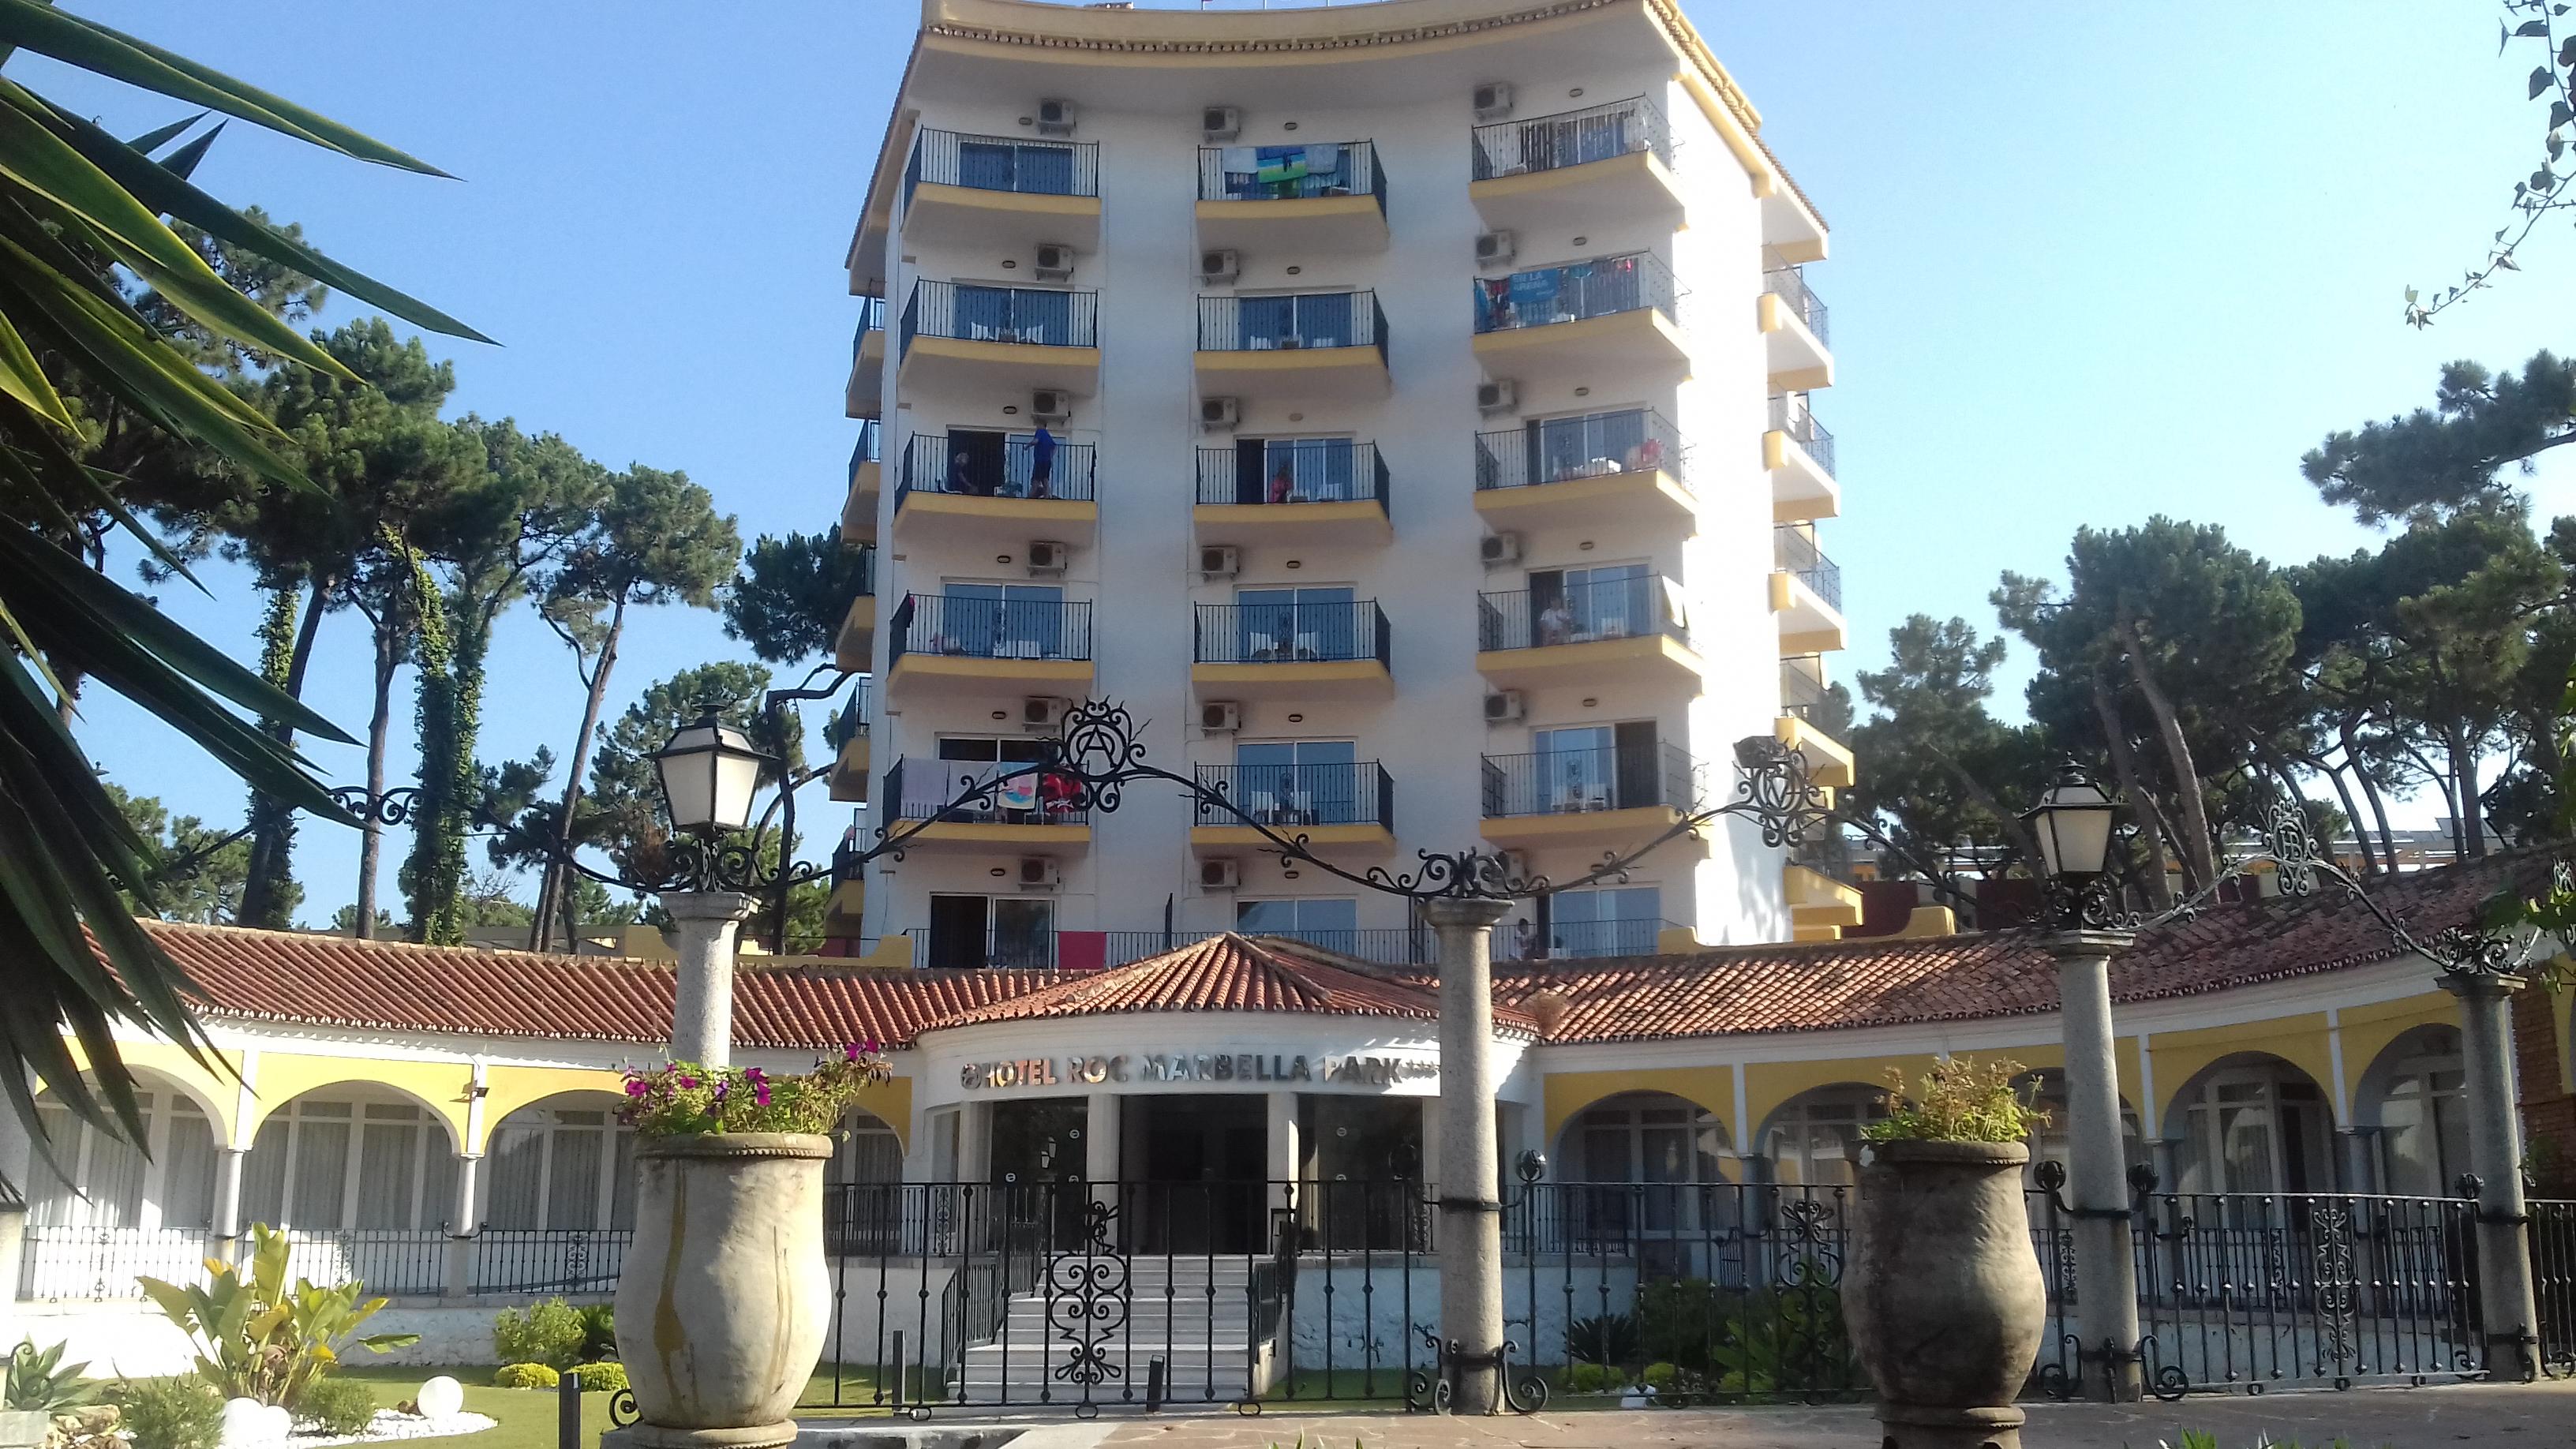 20180626 092257 - Hôtels